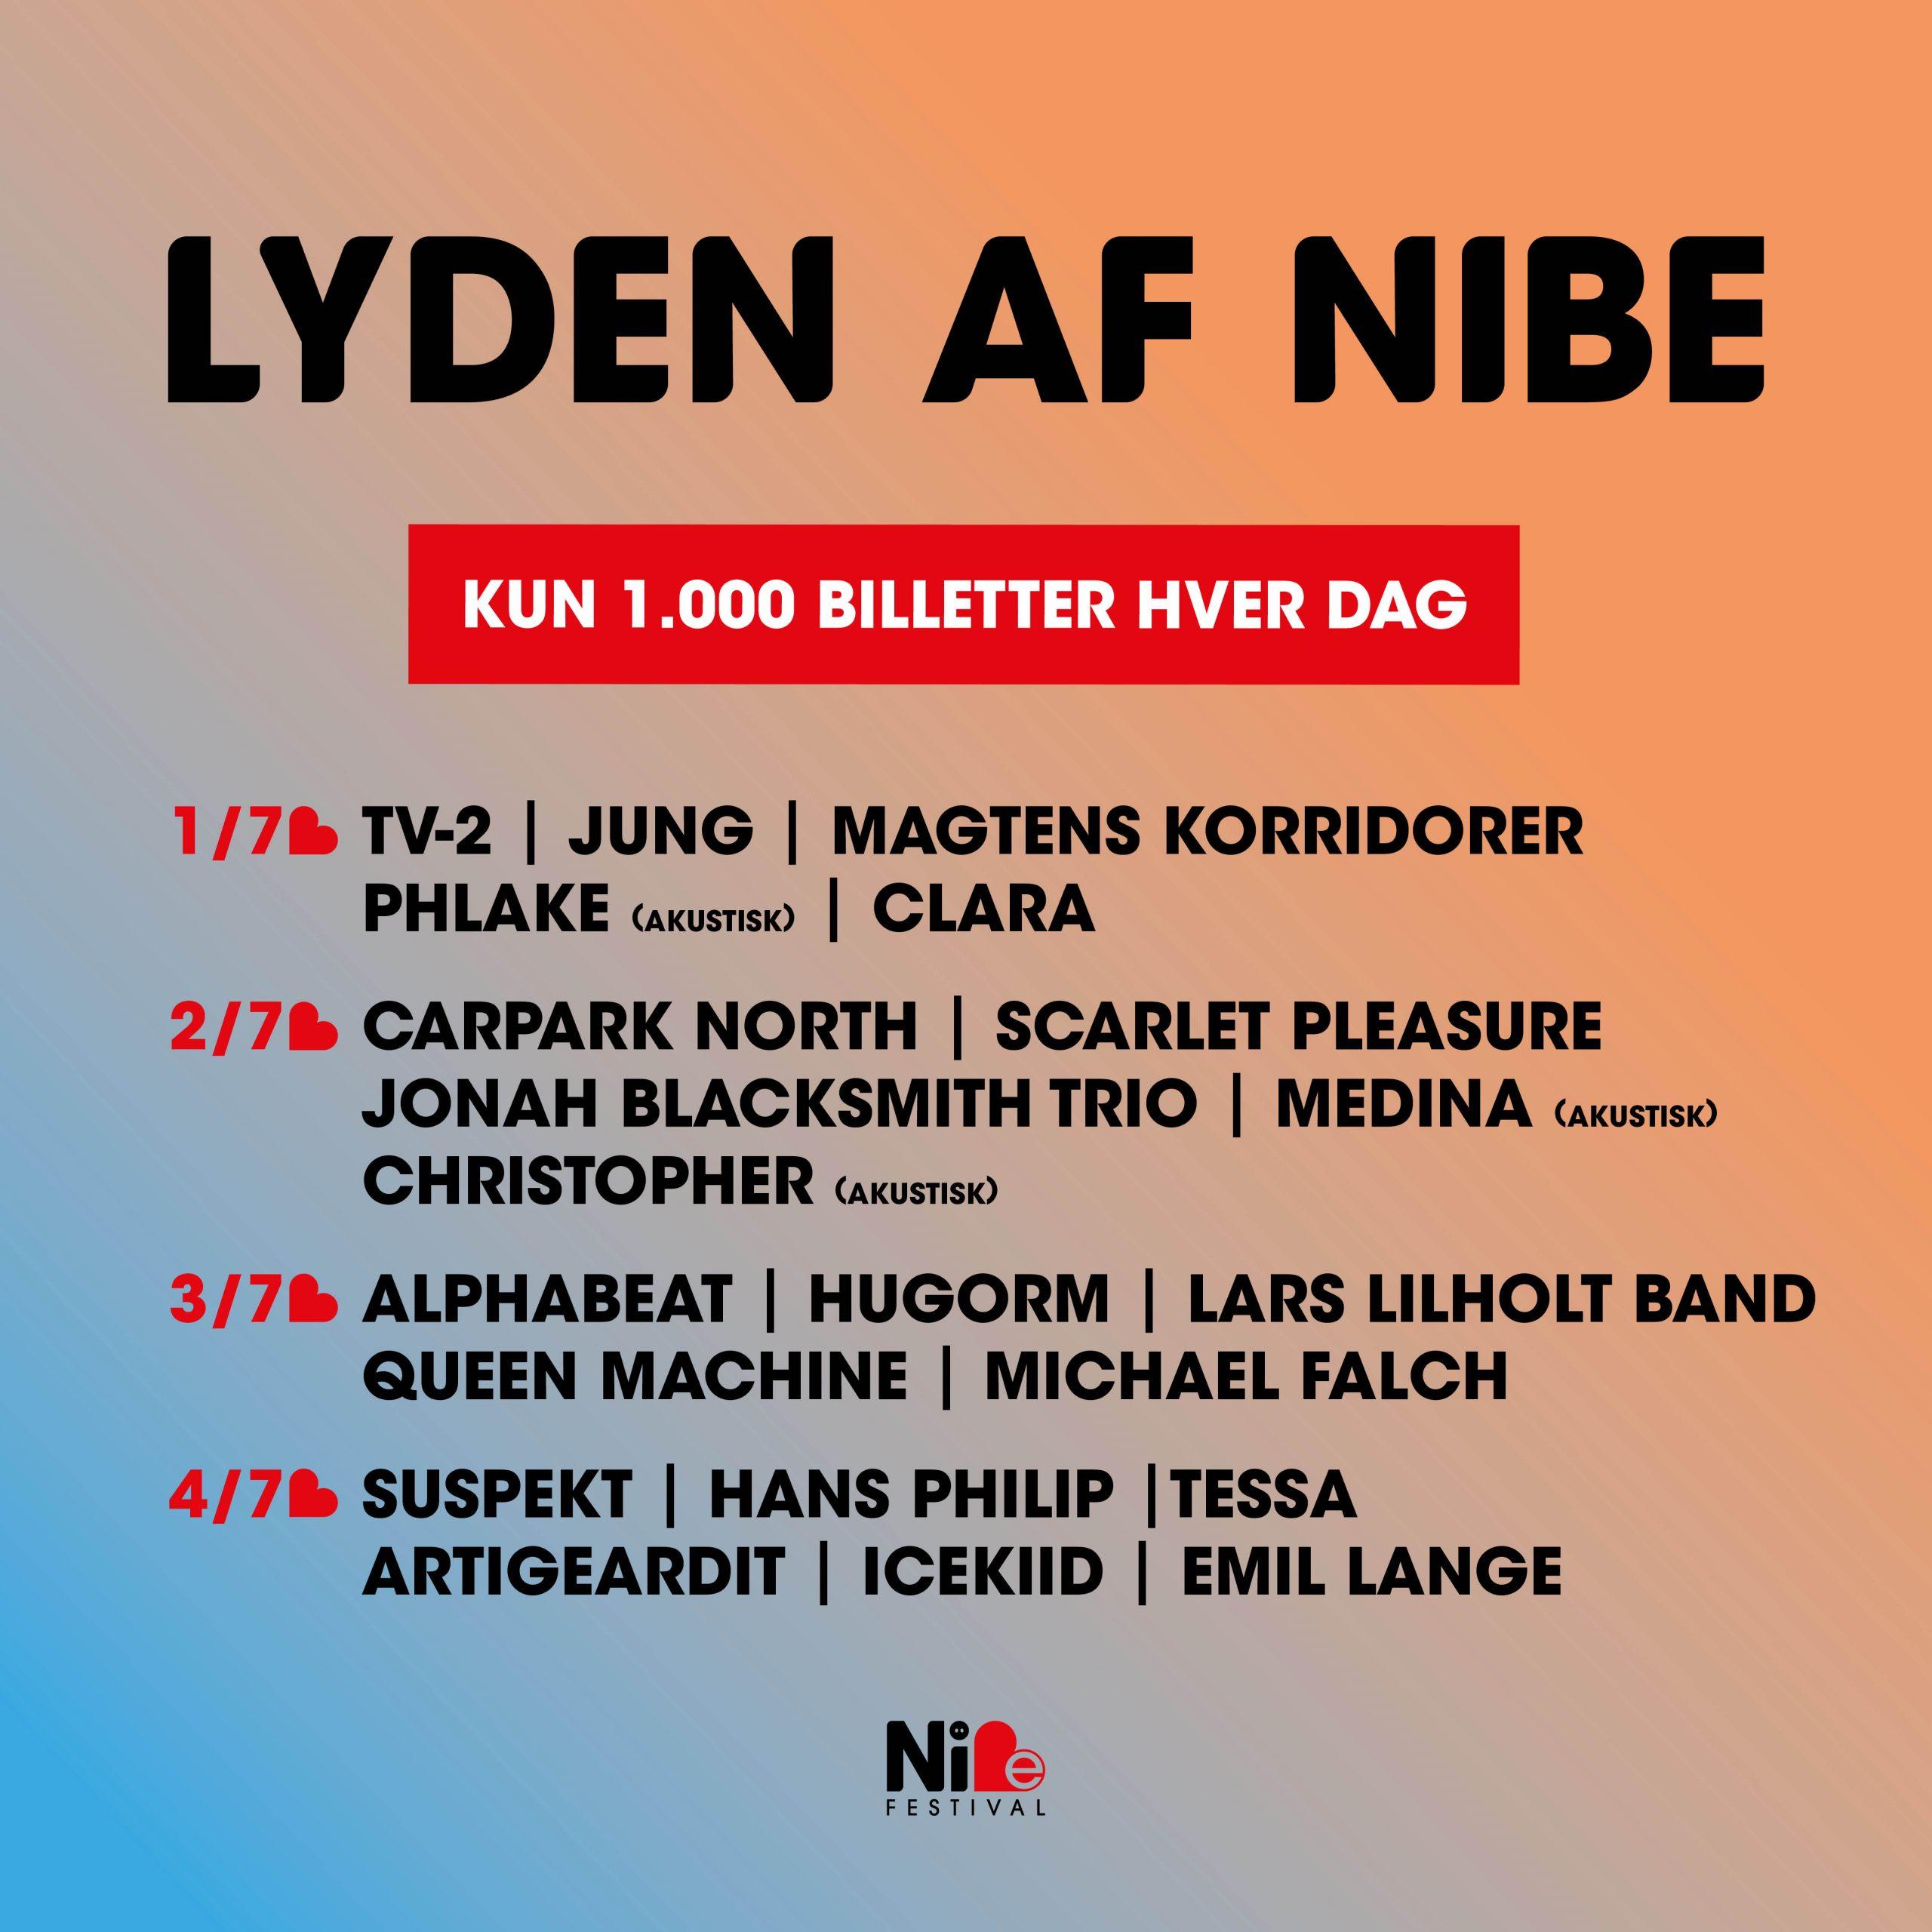 Store navne i intime rammer: Nibe Festival præsenterer LYDEN AF NIBE